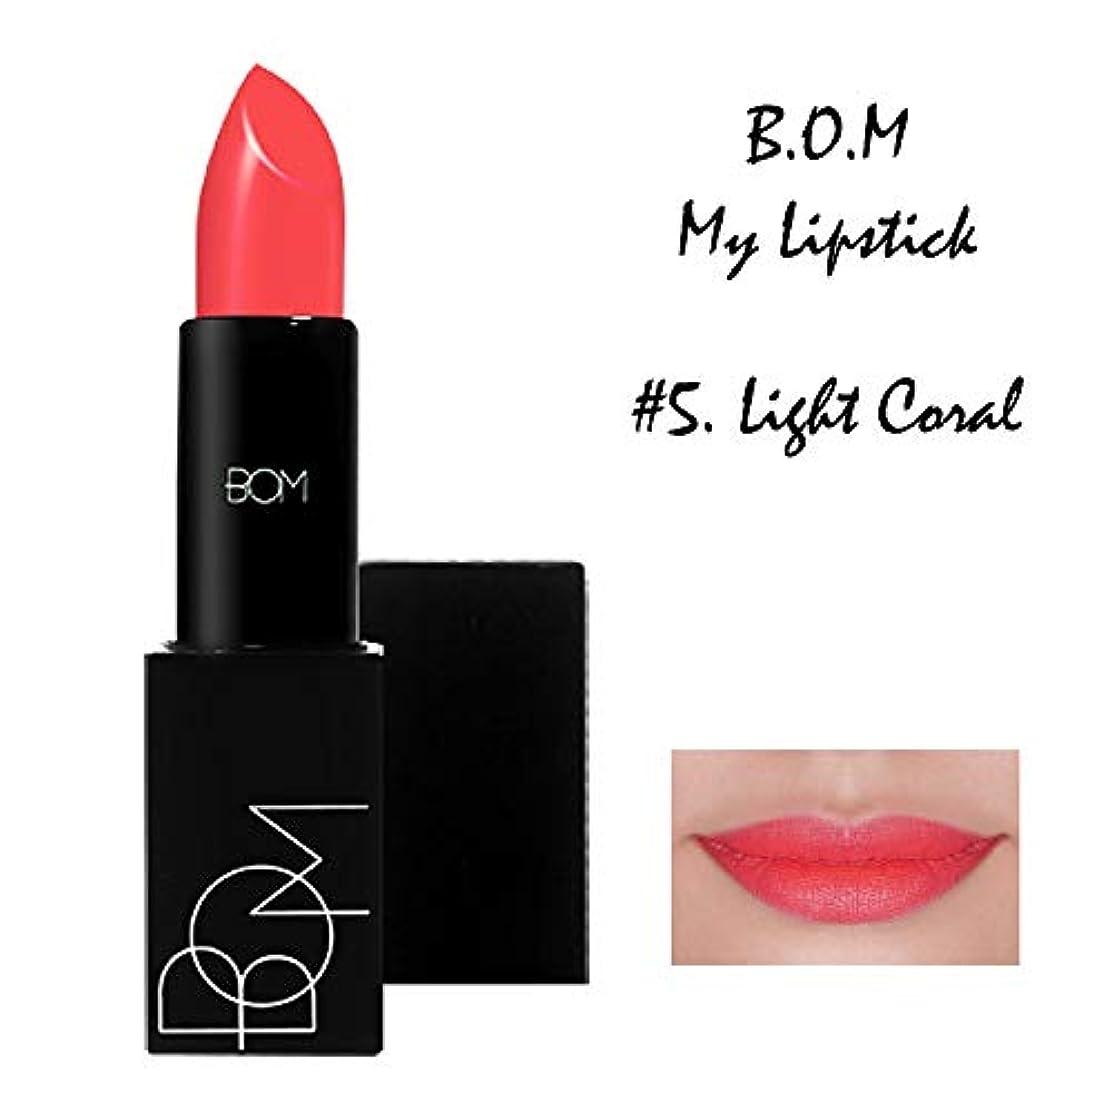 従来の気性ゴムbom 韓国化粧品6色磁気ケース付きマットリップスティック #805。ライトコーラル